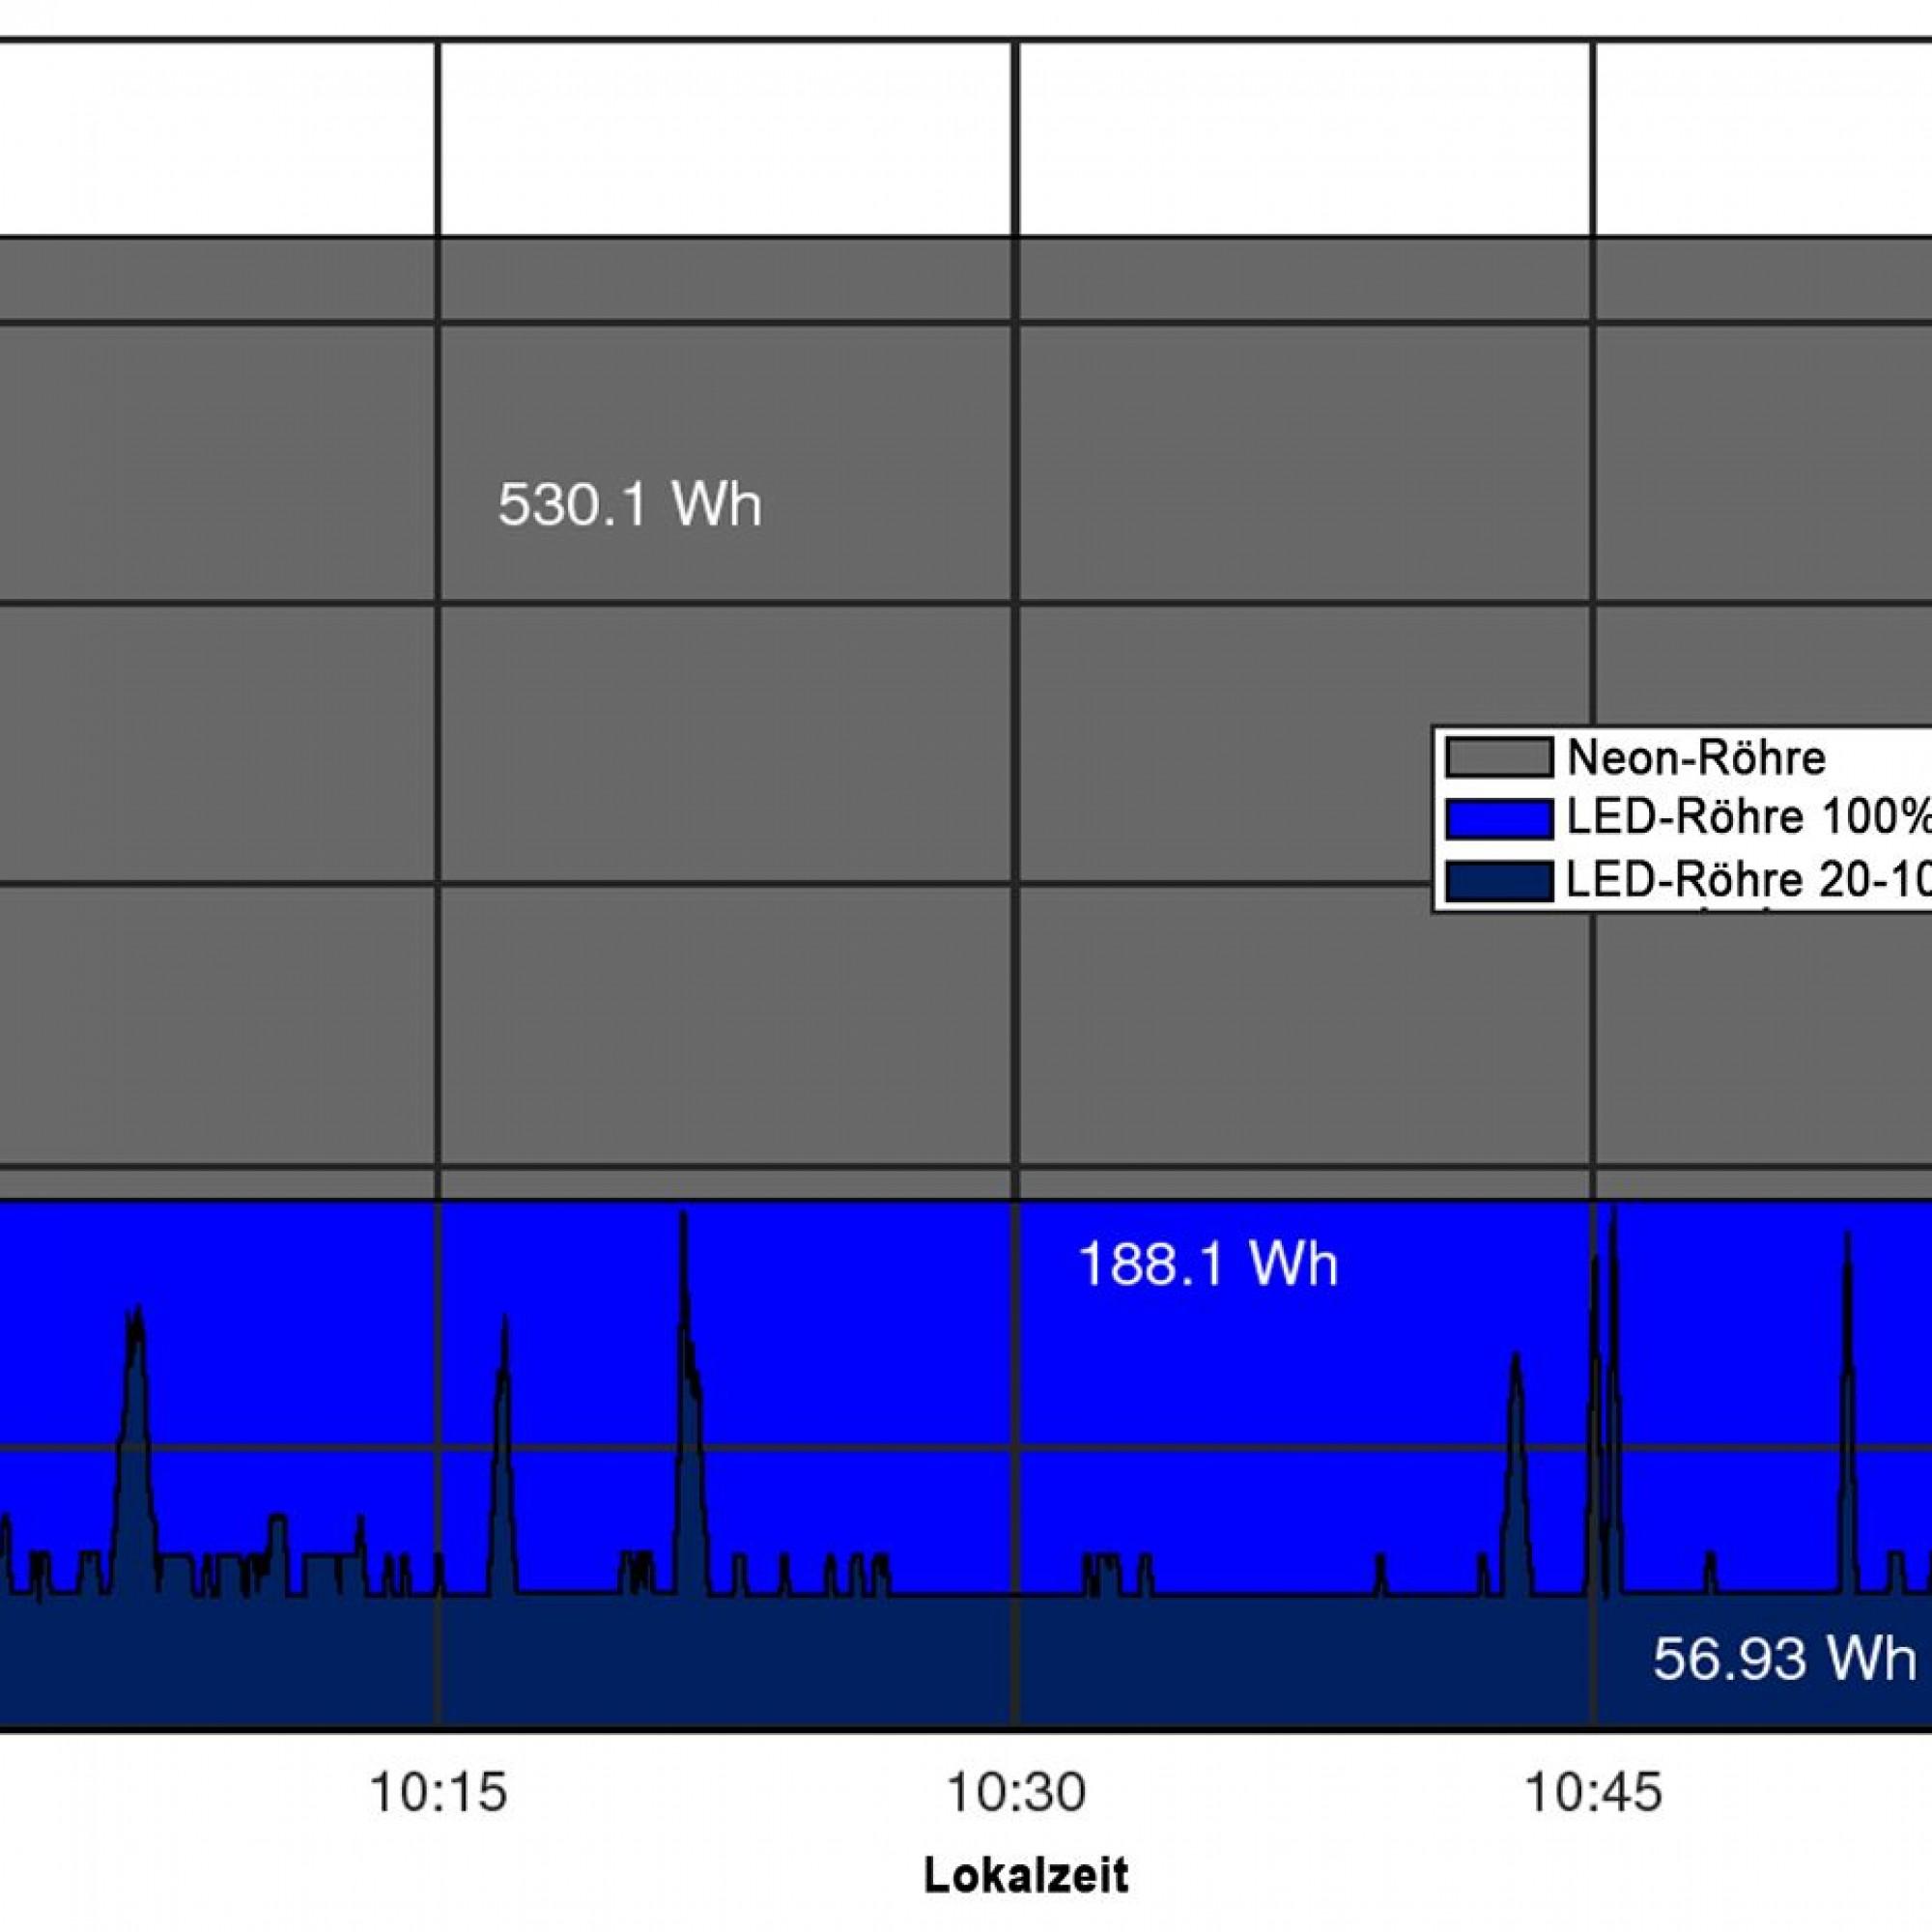 Vergleich der Messwerte für eine Stunde aus der Zürcher Fussgängerunterführung, in der die LED-Röhren der ersten Generation installiert waren: Während zehn klassische Neonröhren (keine Dimmung) 530 Watt verbrauchen, sinkt der Verbrauch beim Einsatz von LE